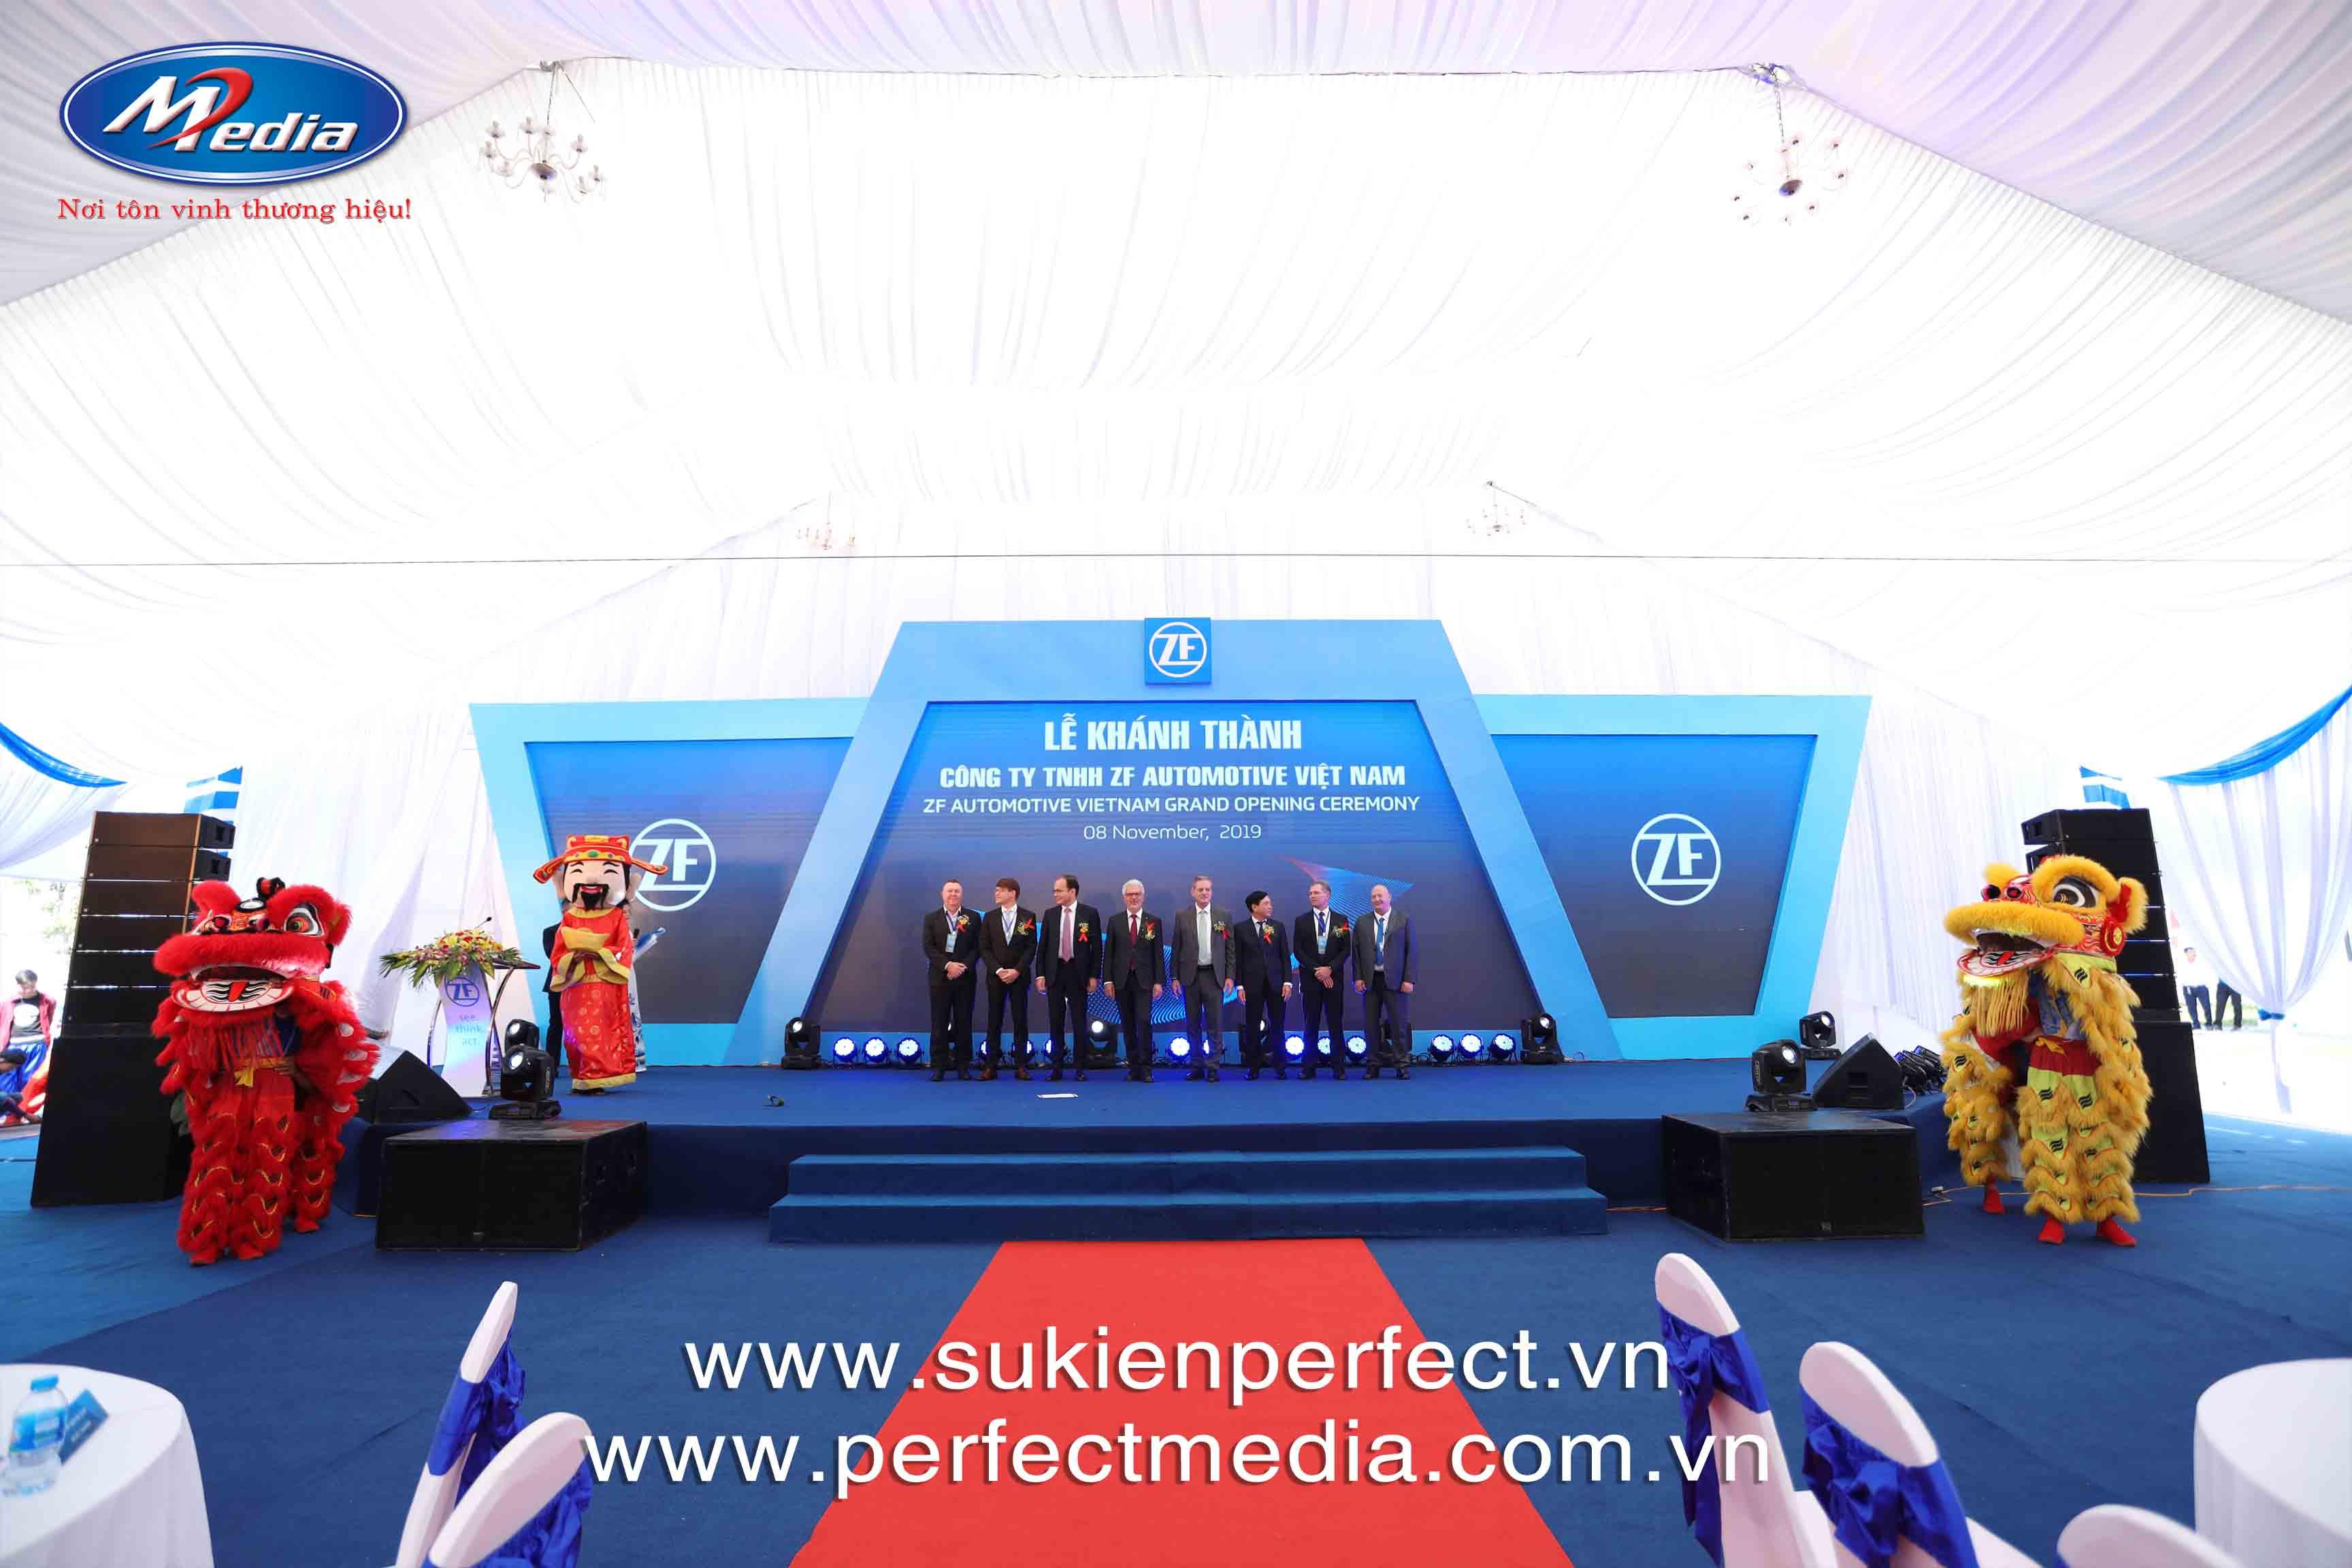 Một số sự kiện tiêu biểu lễ khai trương, khánh thành, họp báo... do công ty Perfect Media tổ chức